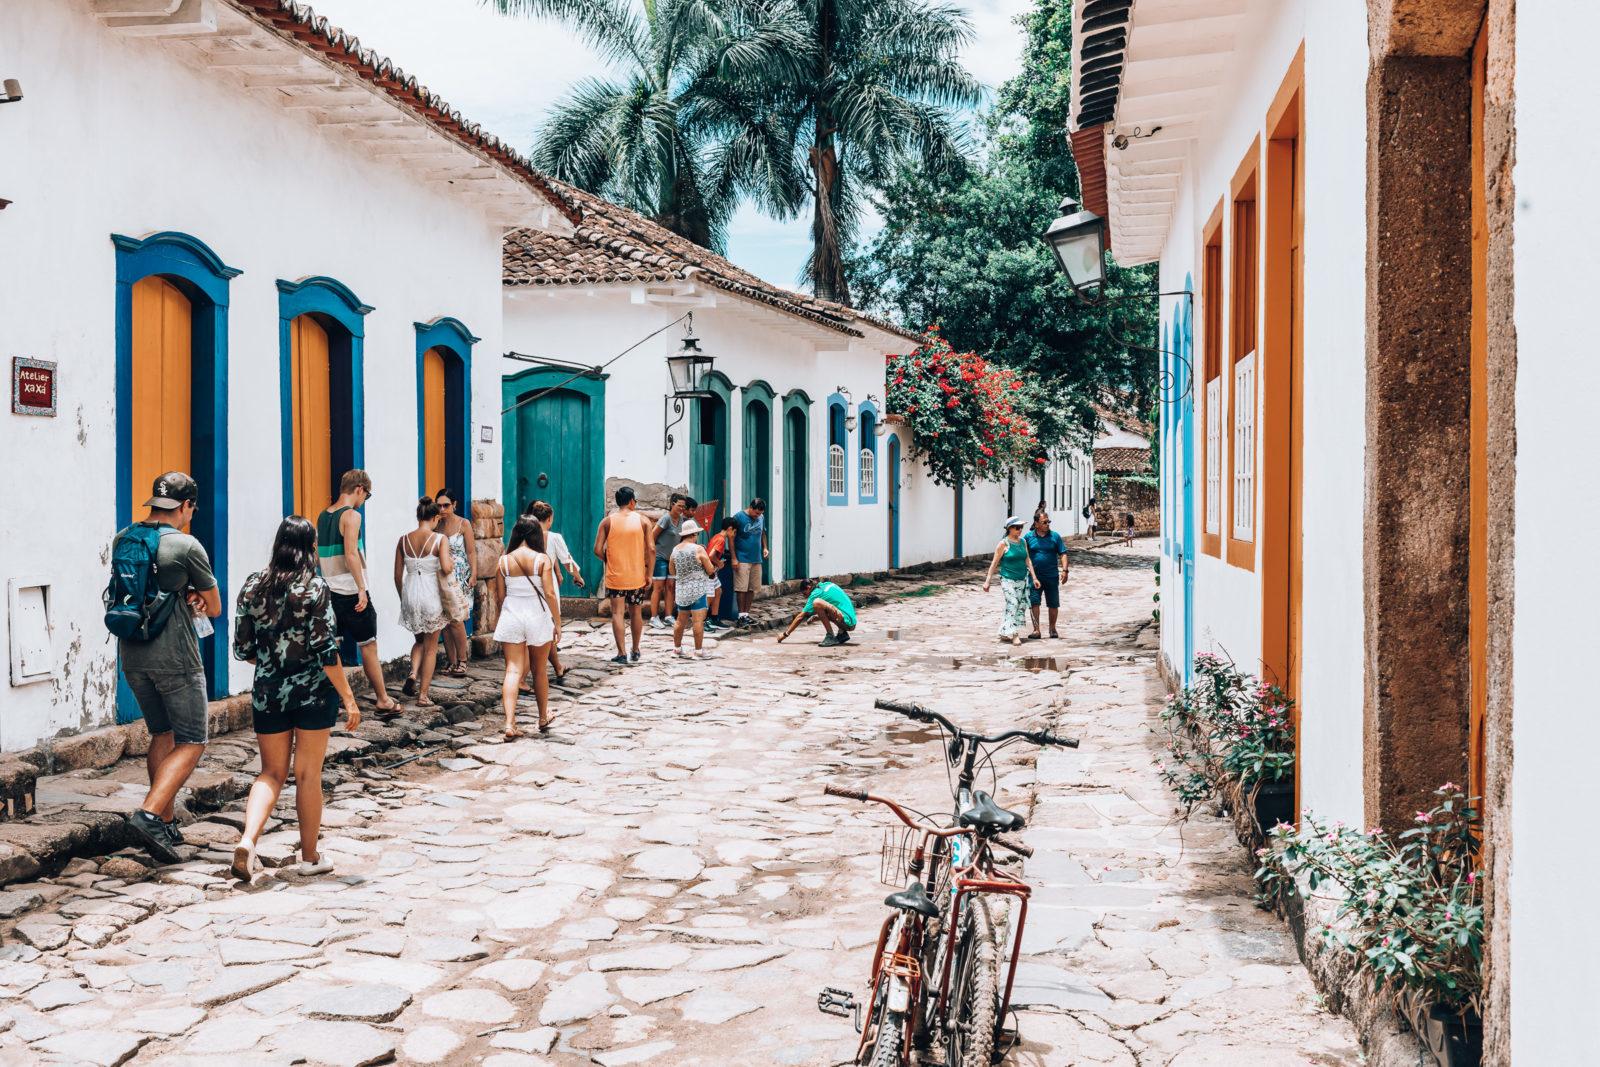 Bunte Häuser in der Altstadt von Paraty Brasilien